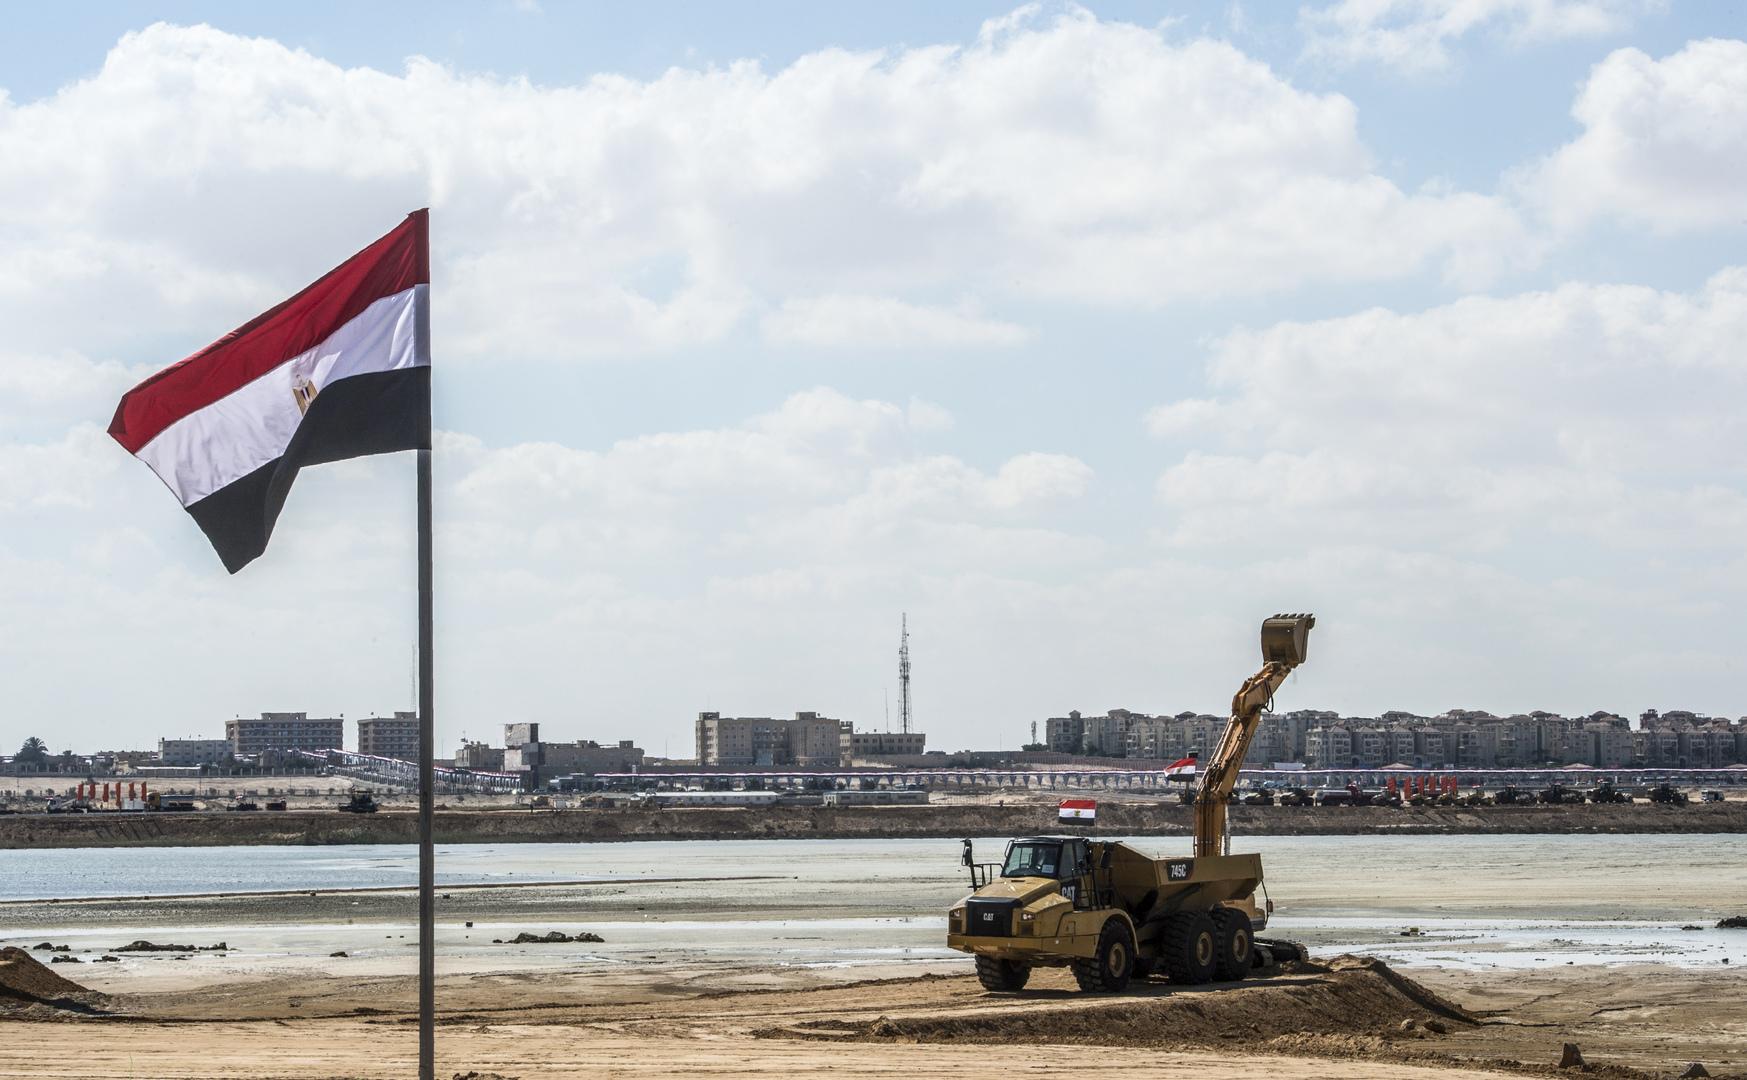 وزيرة مصرية سابقة: اتفاقية الشراكة مع الاتحاد الأوروبي تحتاج إعادة نظر